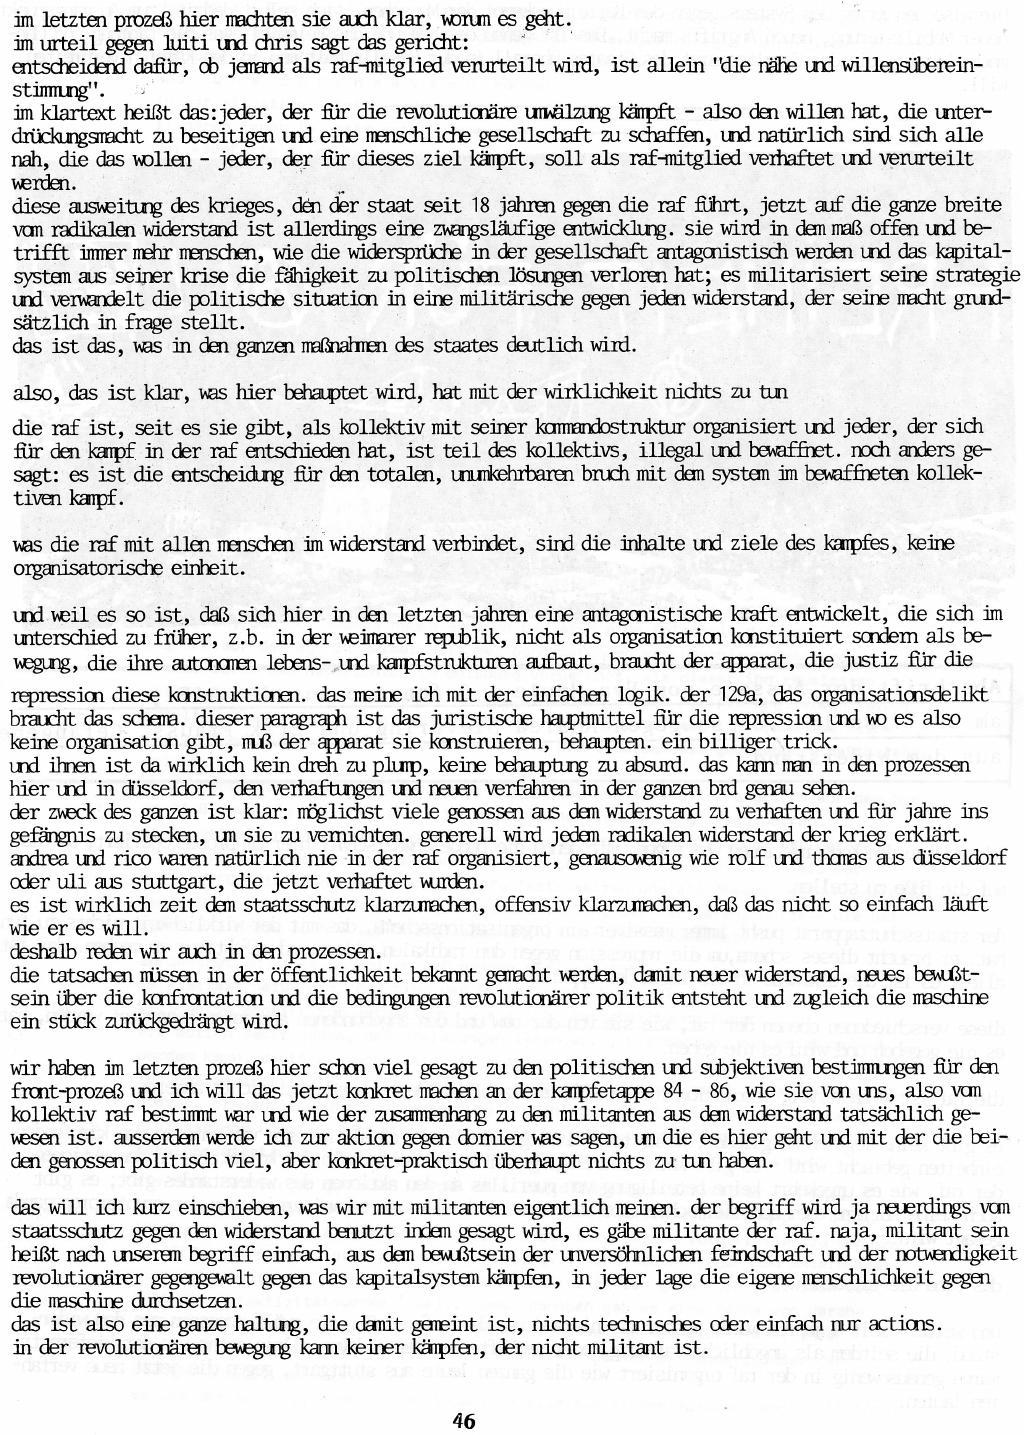 Duesseldorf_1989_Sechs_Politische_Gefangene_046